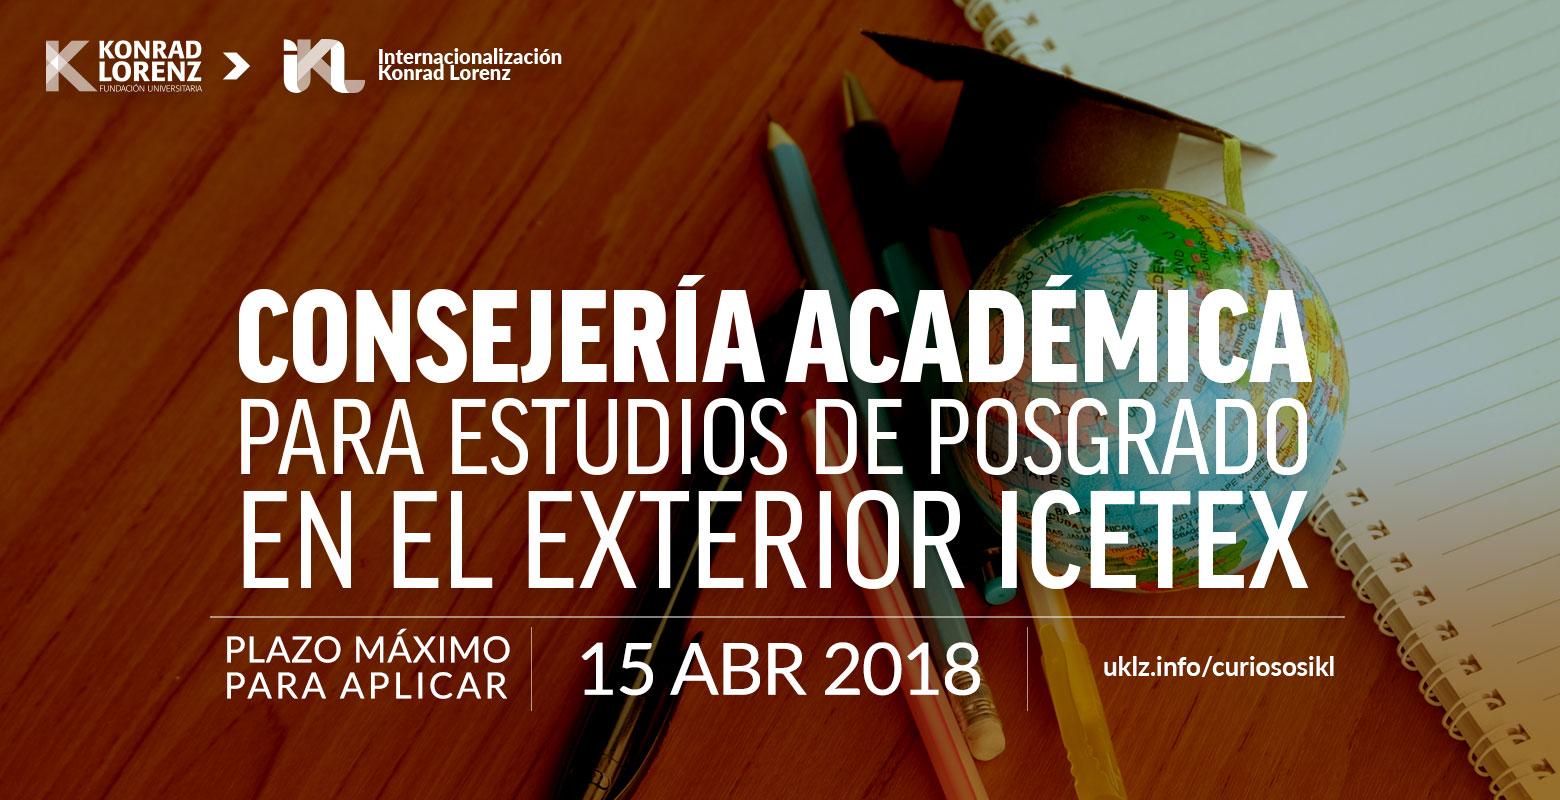 Consejería académica para estudios de posgrado en el exterior ICETEX